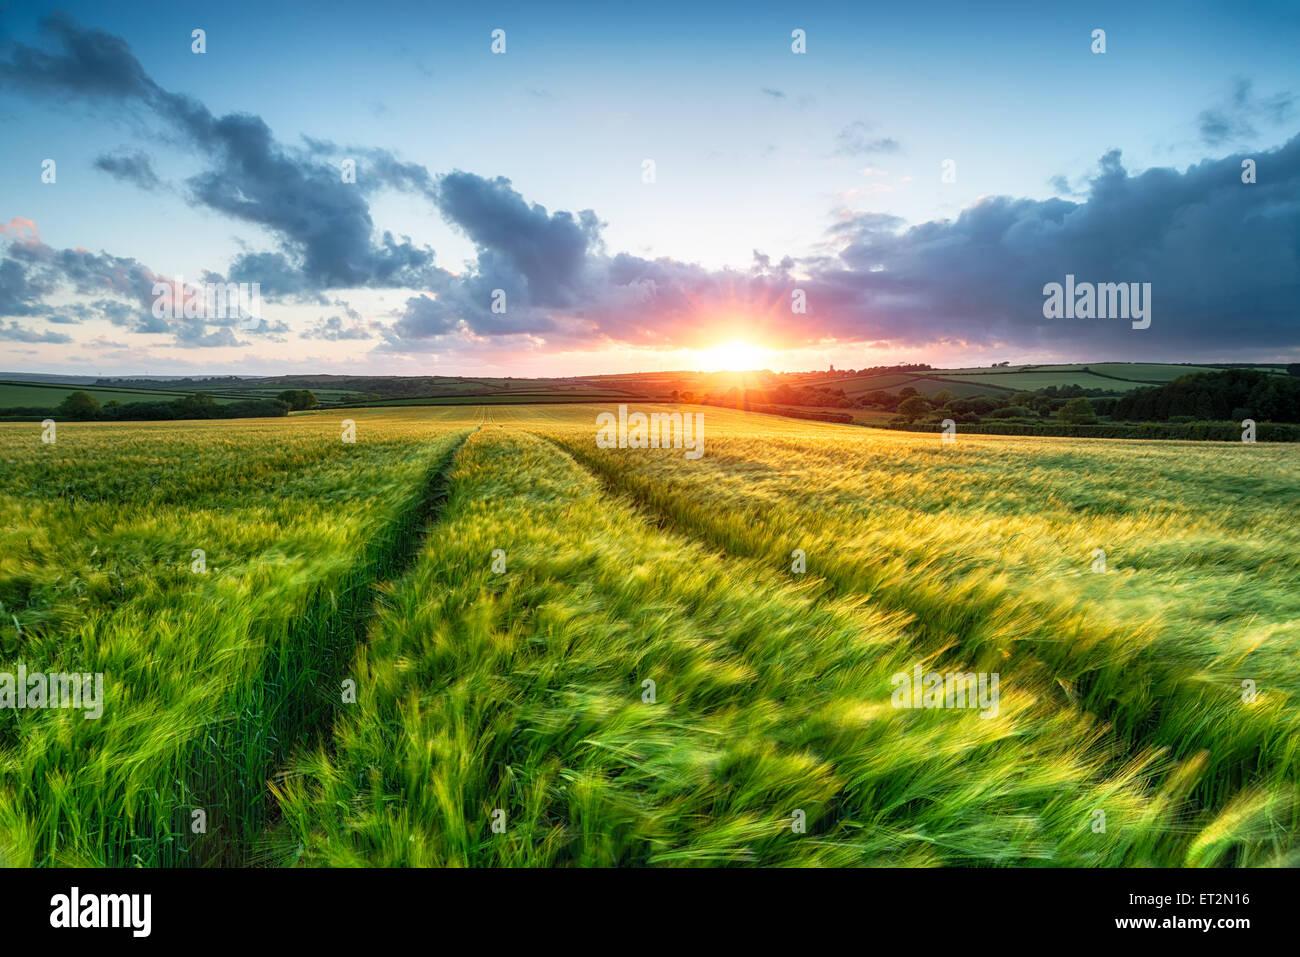 Puesta de sol sobre la tierra agrícola con cebada soplando en el viento Imagen De Stock